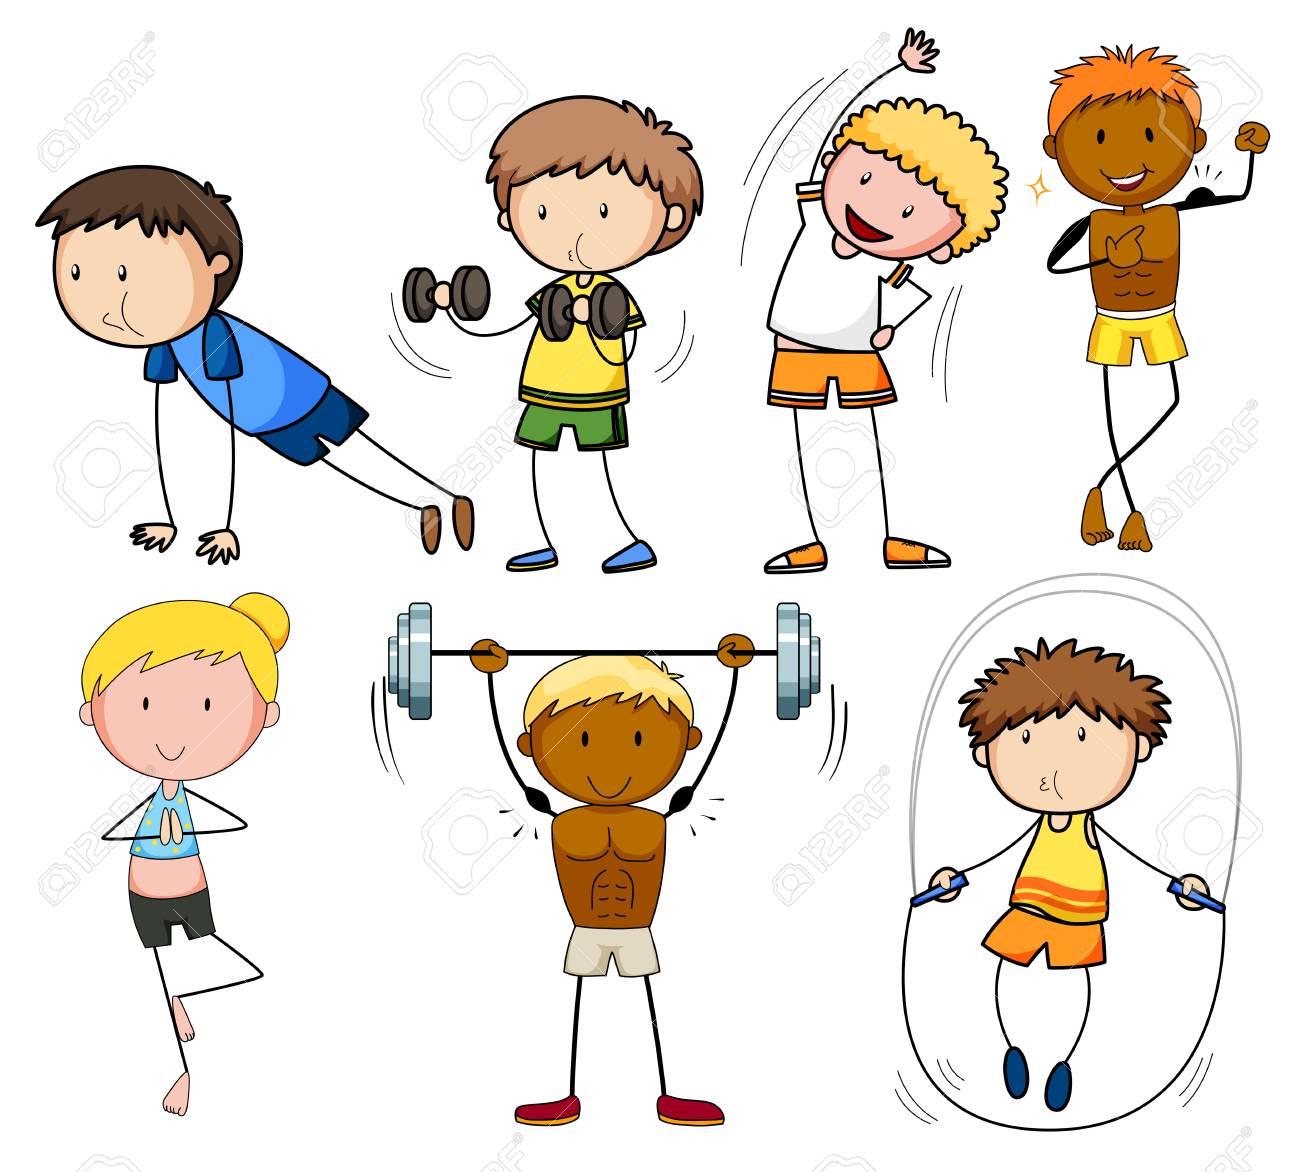 A set of doodle kids exercise illustration.